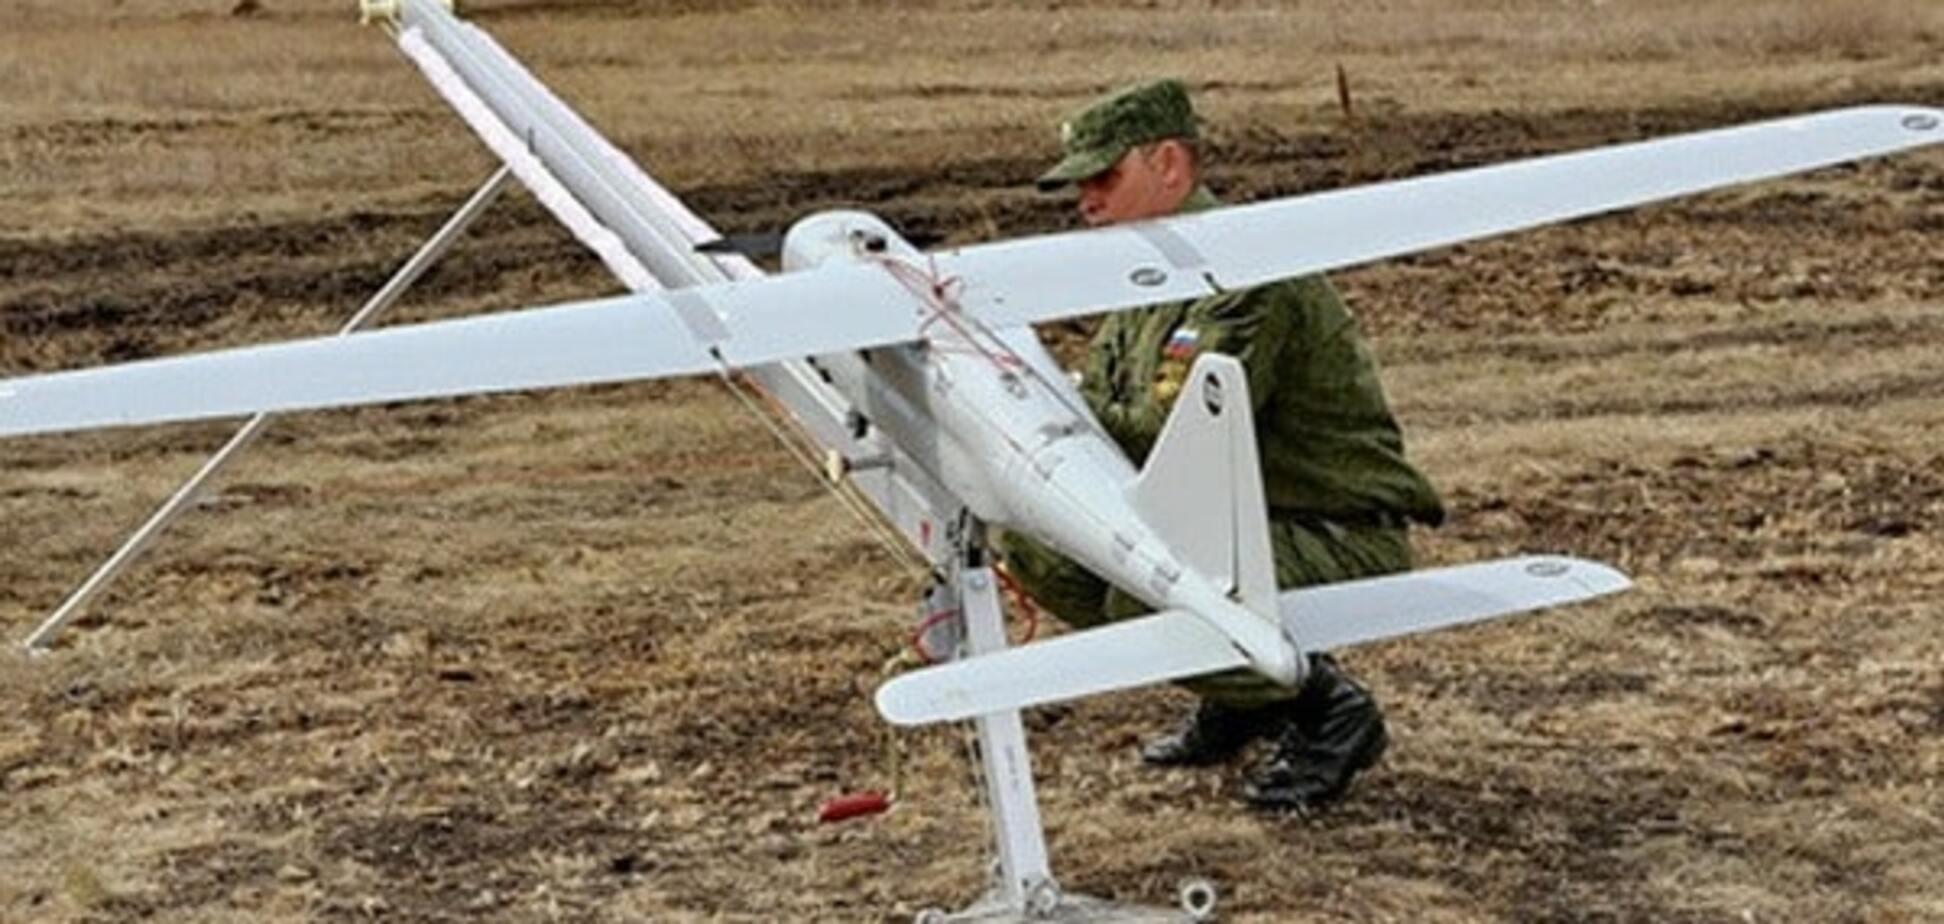 АТО: 'повітряний диверсант' скидав вибухові пристрої на бійців ЗСУ